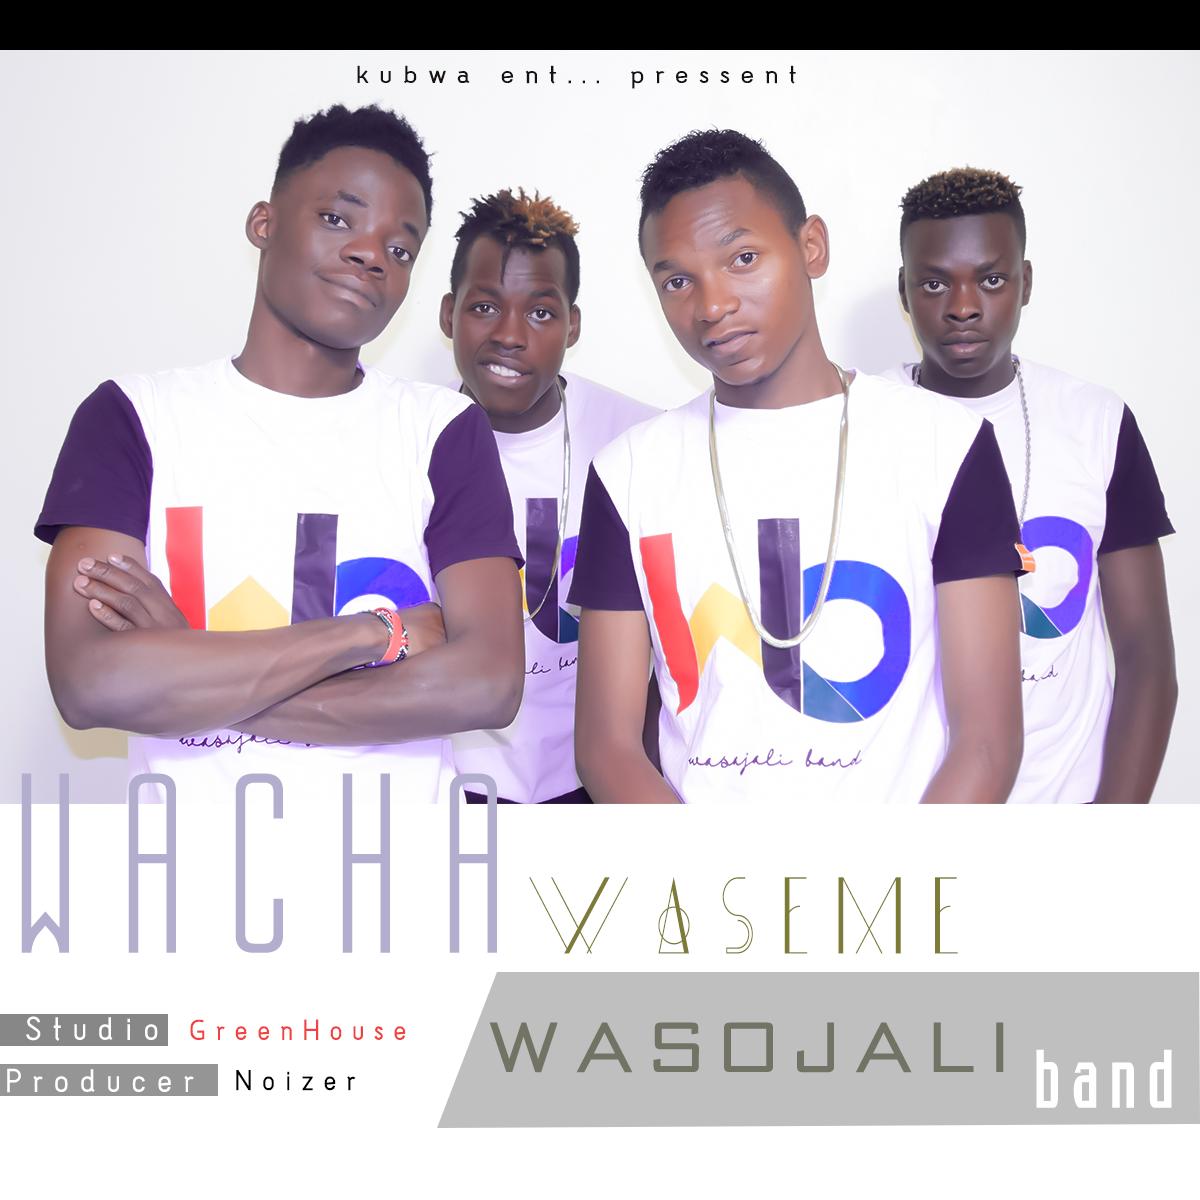 Wasojali Band - Naogopa